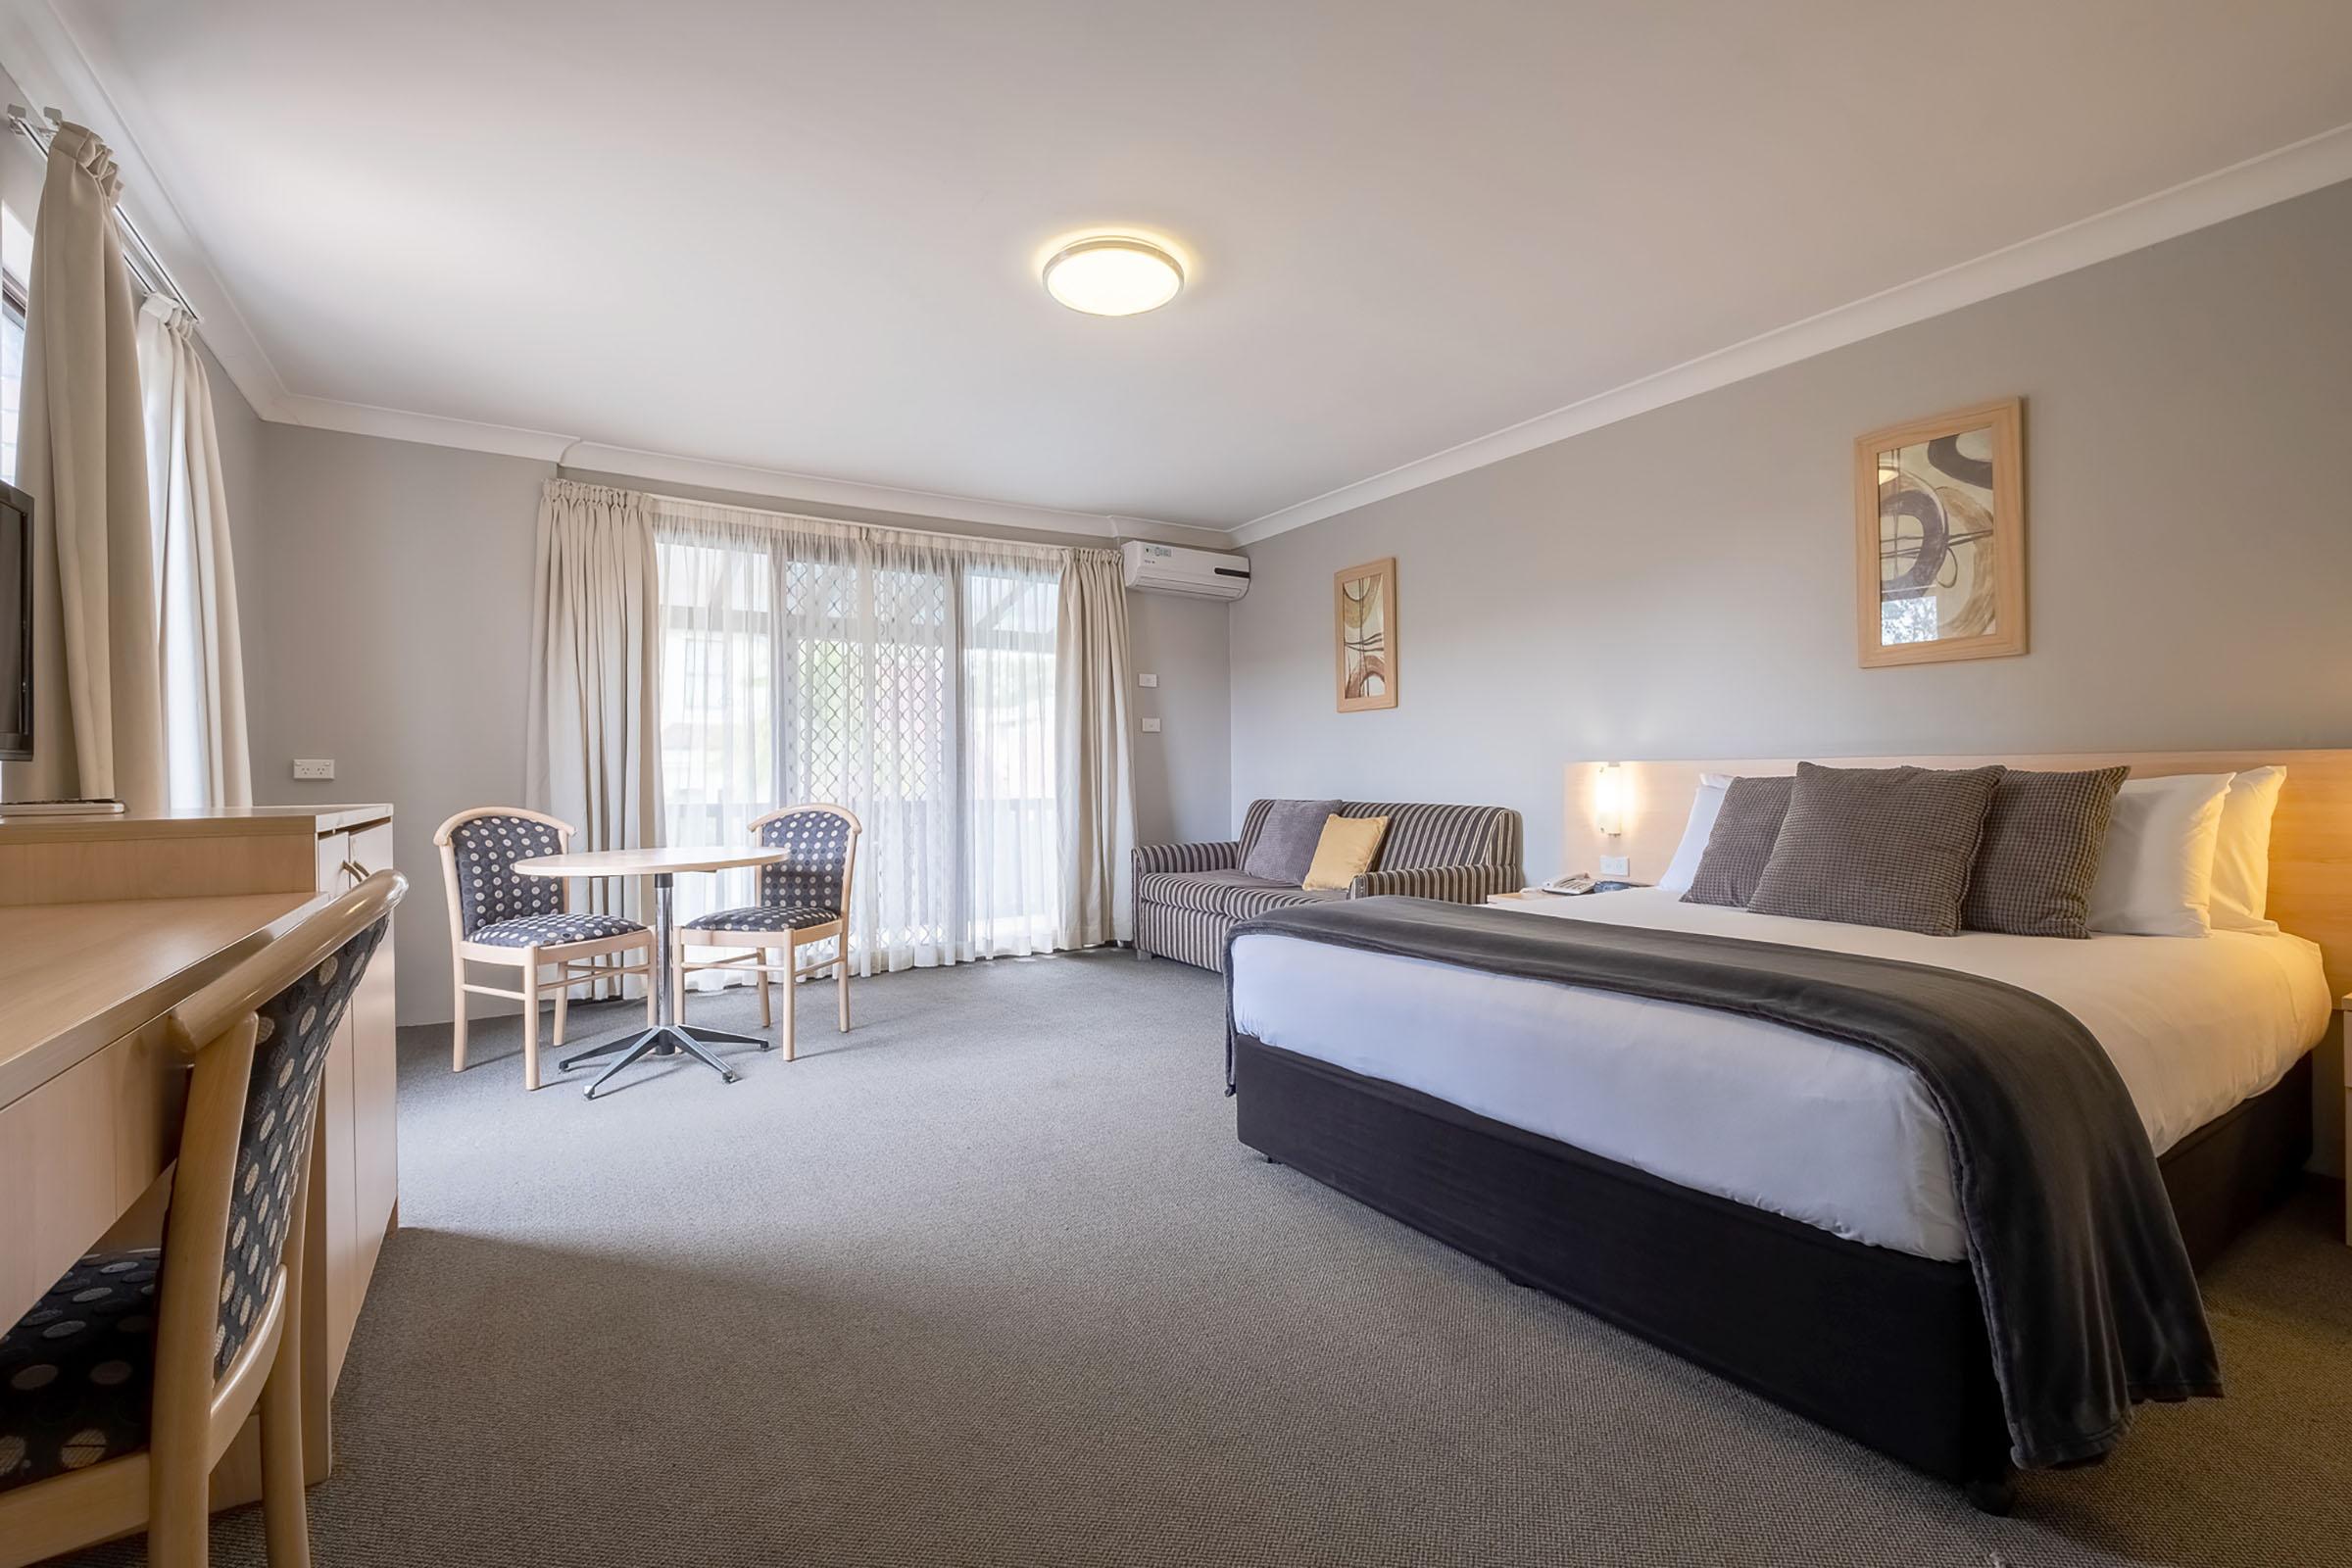 Maclin Lodge Rooms and Apartments